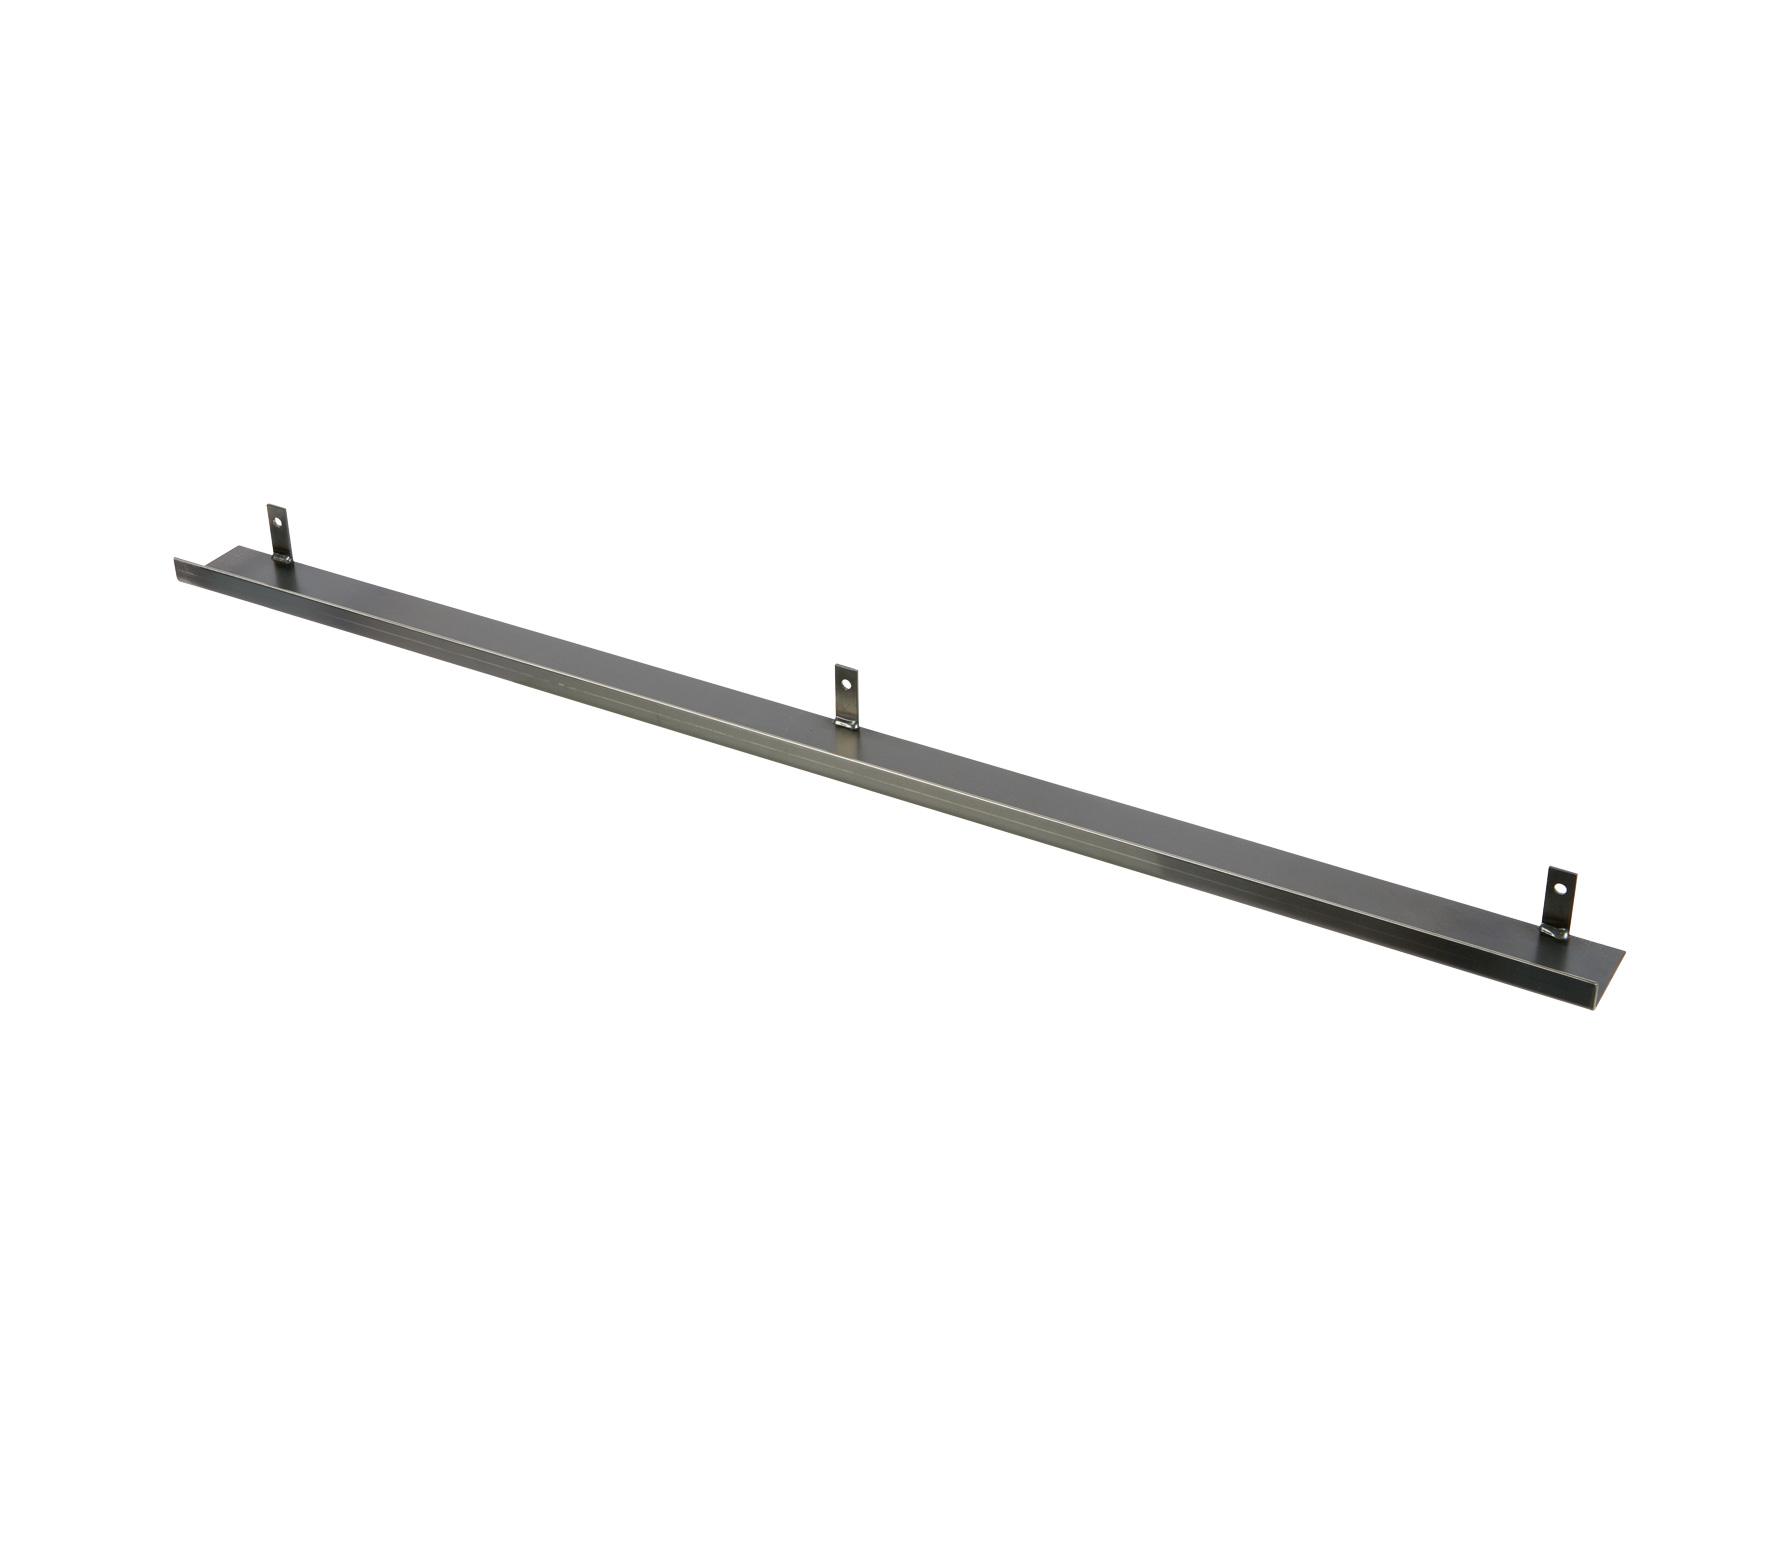 Vtwonen Wandplank.Vtwonen Wandplank Metaal 120 Cm Metaal